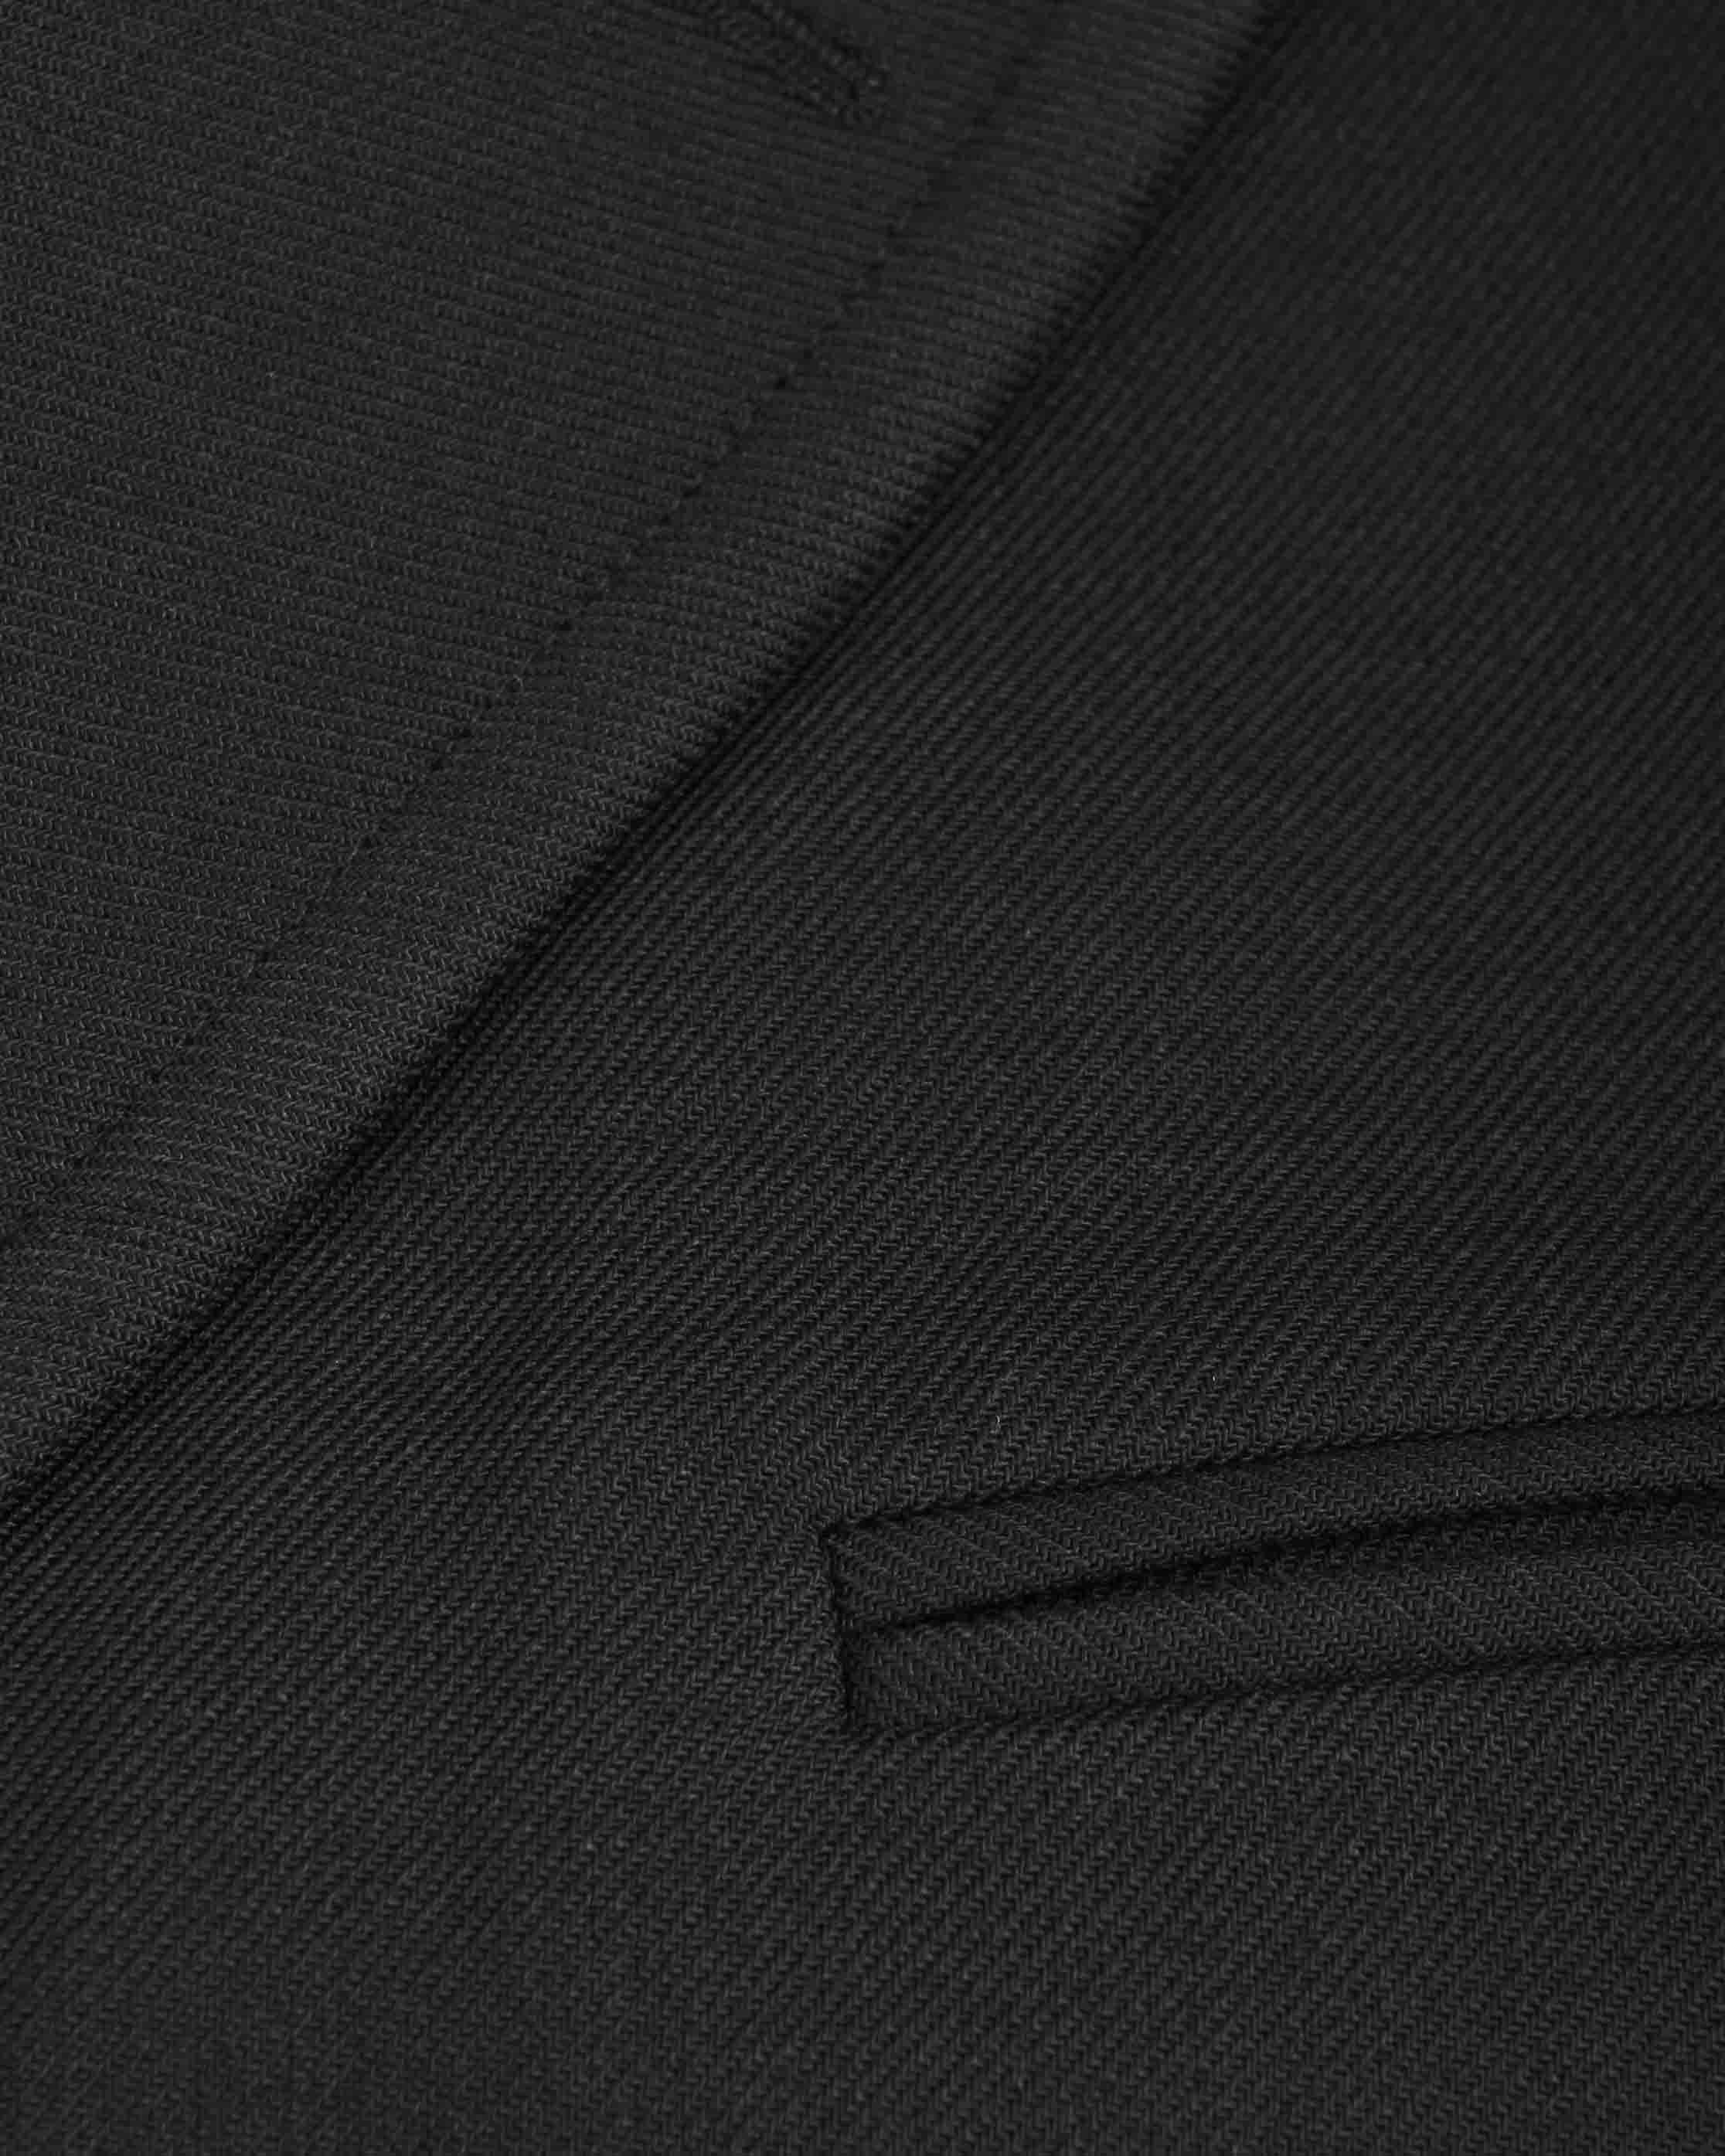 мужская пальто Maison Martin Margiela, сезон: зима 2013/14. Купить за 42200 руб. | Фото 4